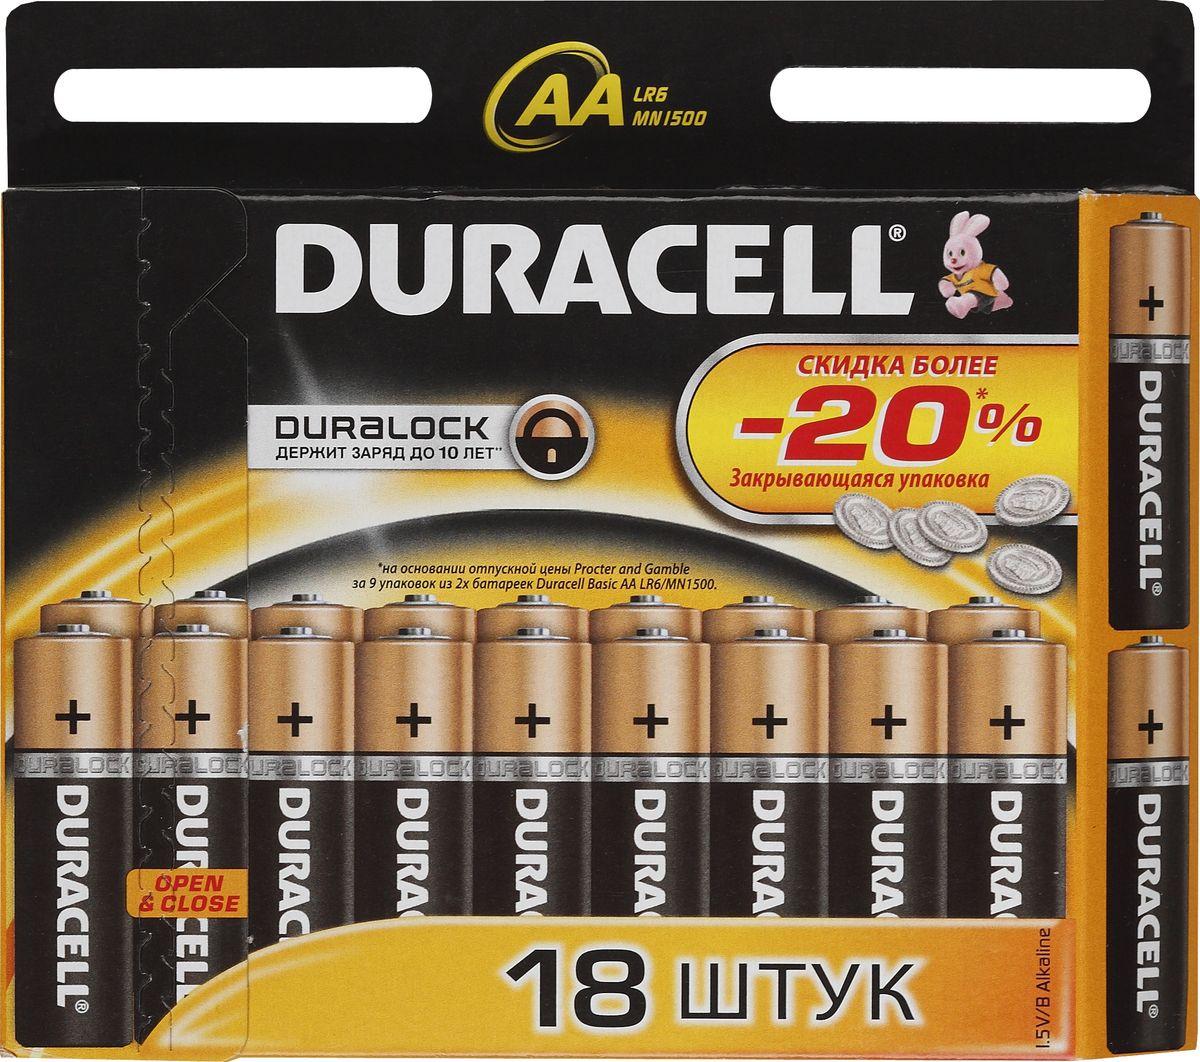 Набор алкалиновых батареек Duracell Basic, LR6-18BL, 18 шт81483682Набор батареек Duracell Basic предназначен для использования в различных электронных устройствах небольшого размера, например в пультах дистанционного управления, портативных MP3-плеерах, фотоаппаратах, различных беспроводных устройствах.Уважаемые клиенты!Обращаем ваше внимание на возможные изменения в дизайне упаковки. Качественные характеристики товара остаются неизменными. Поставка осуществляется в зависимости от наличия на складе.